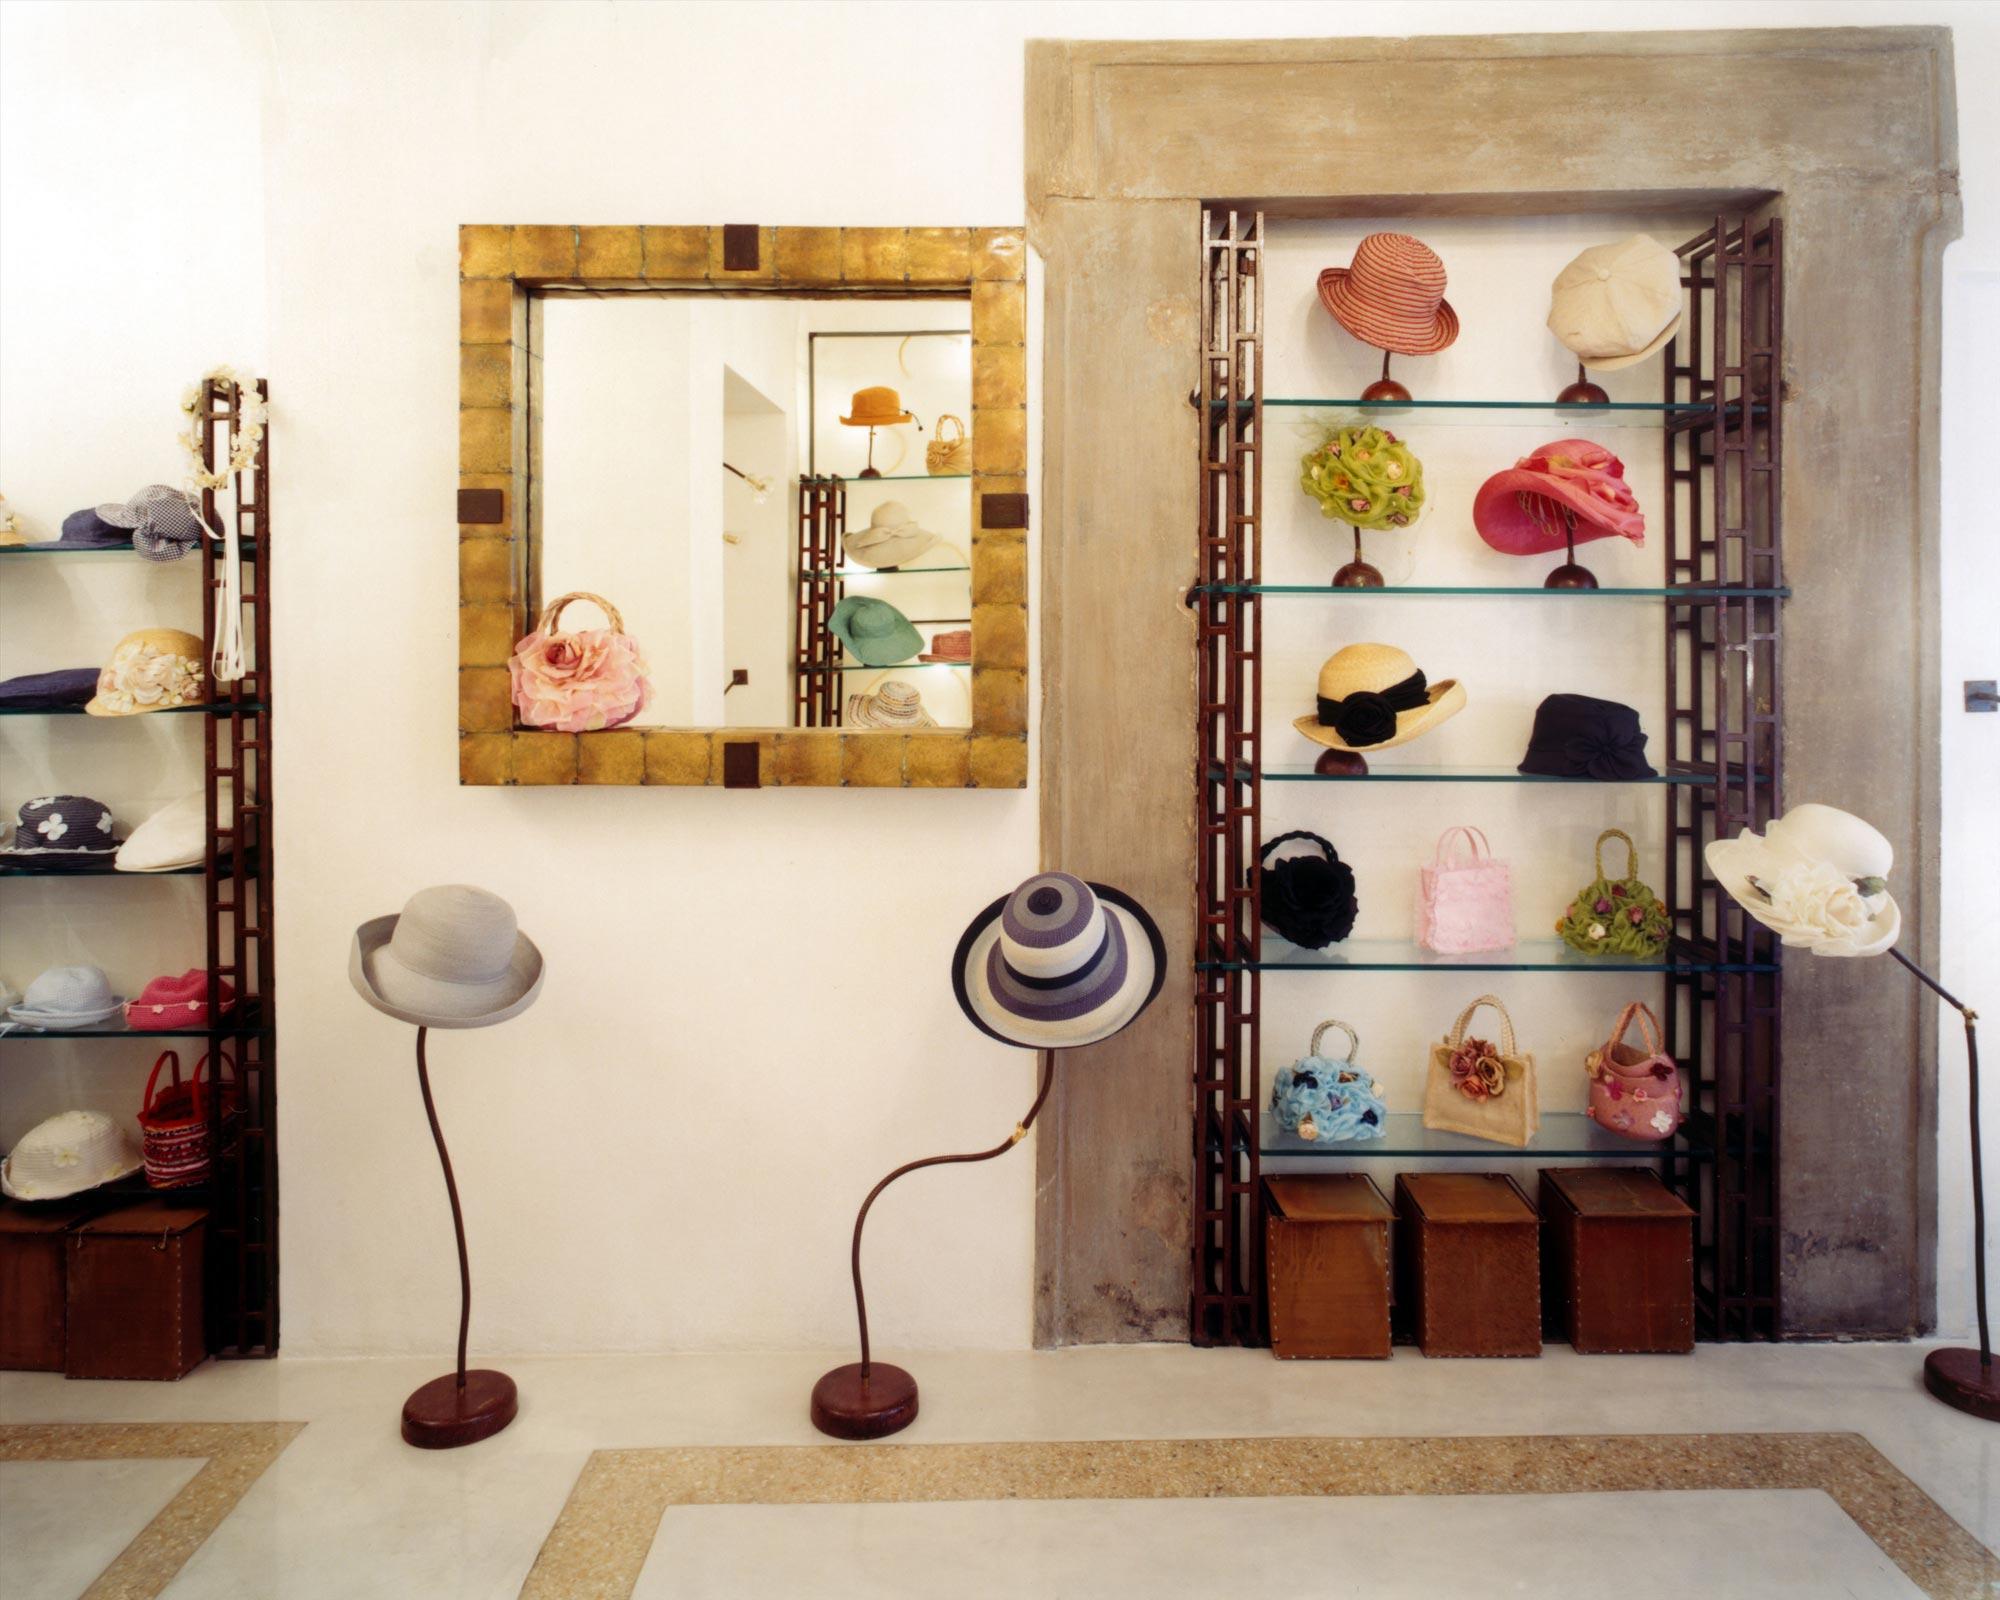 Grevi negozio cappelli firenze